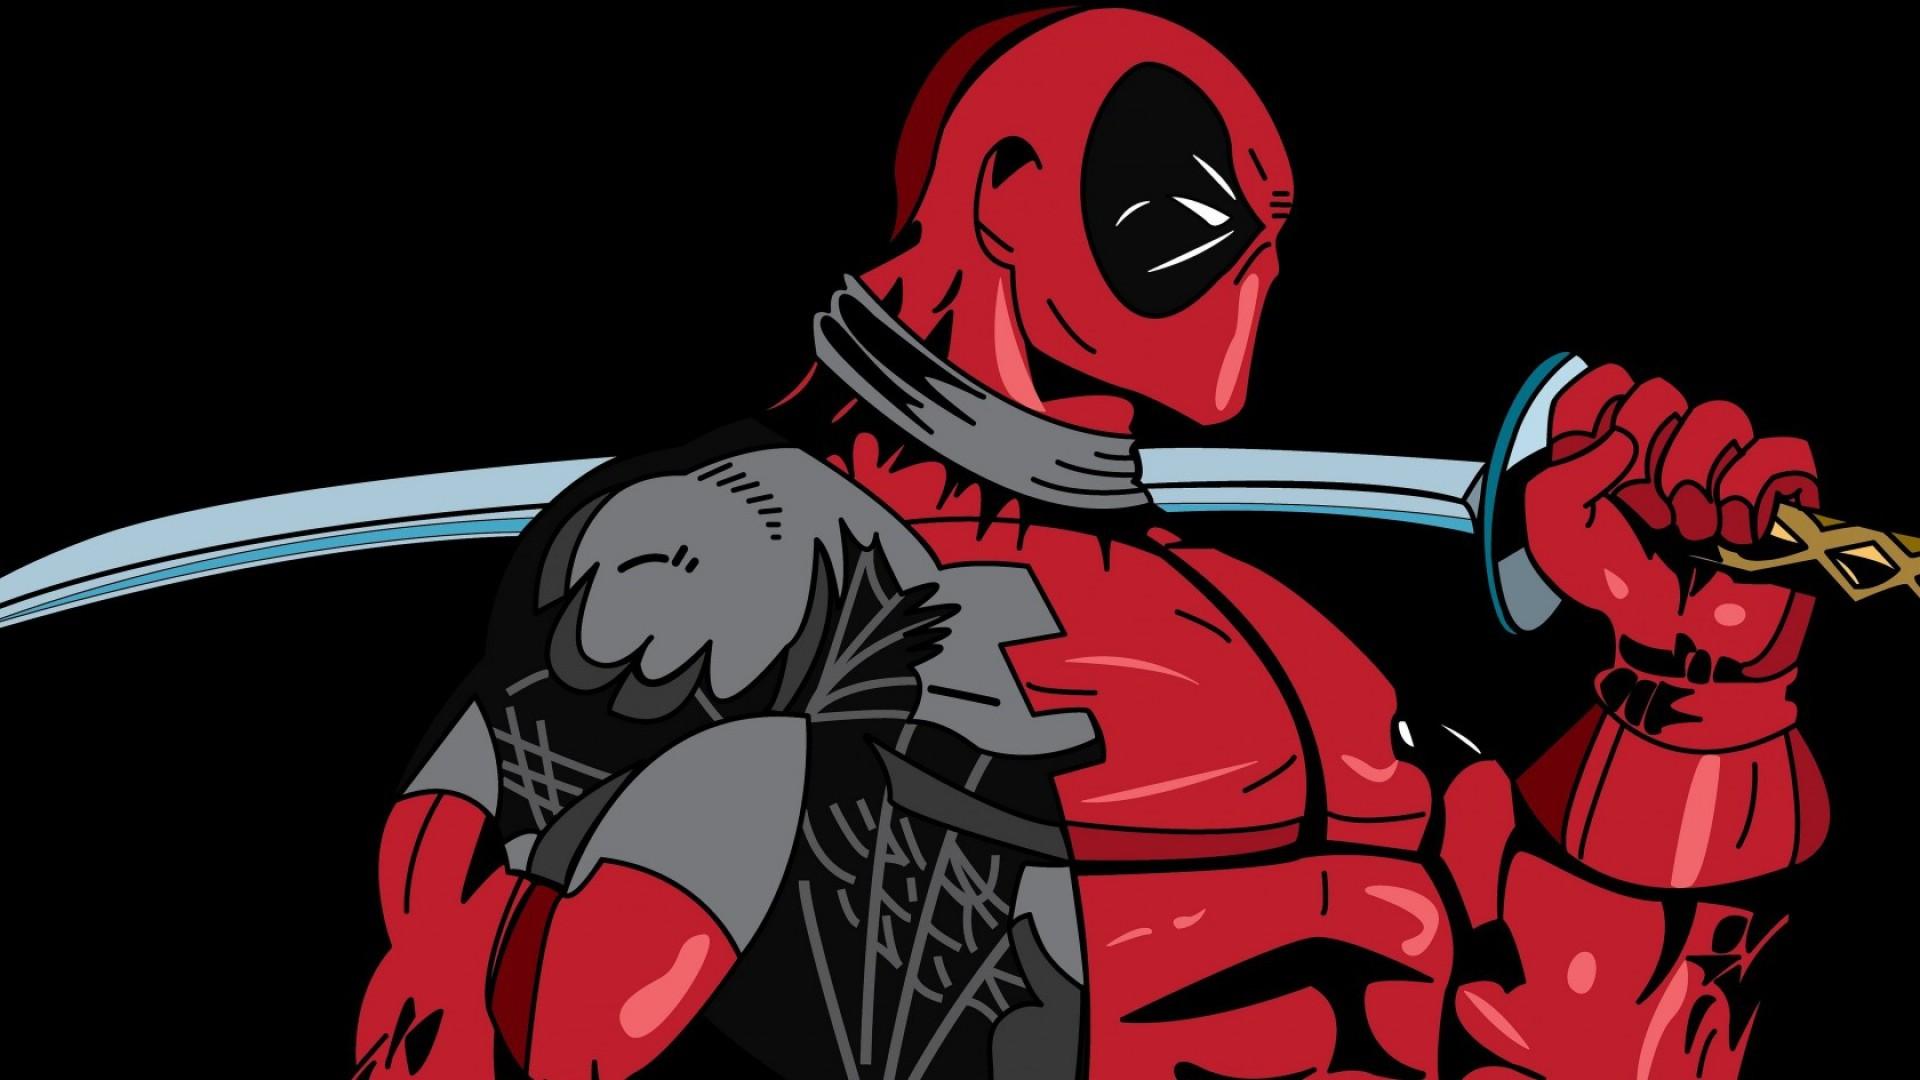 Hình nền Deadpool Full HD cho máy tính đẹp nhất tổng hợp